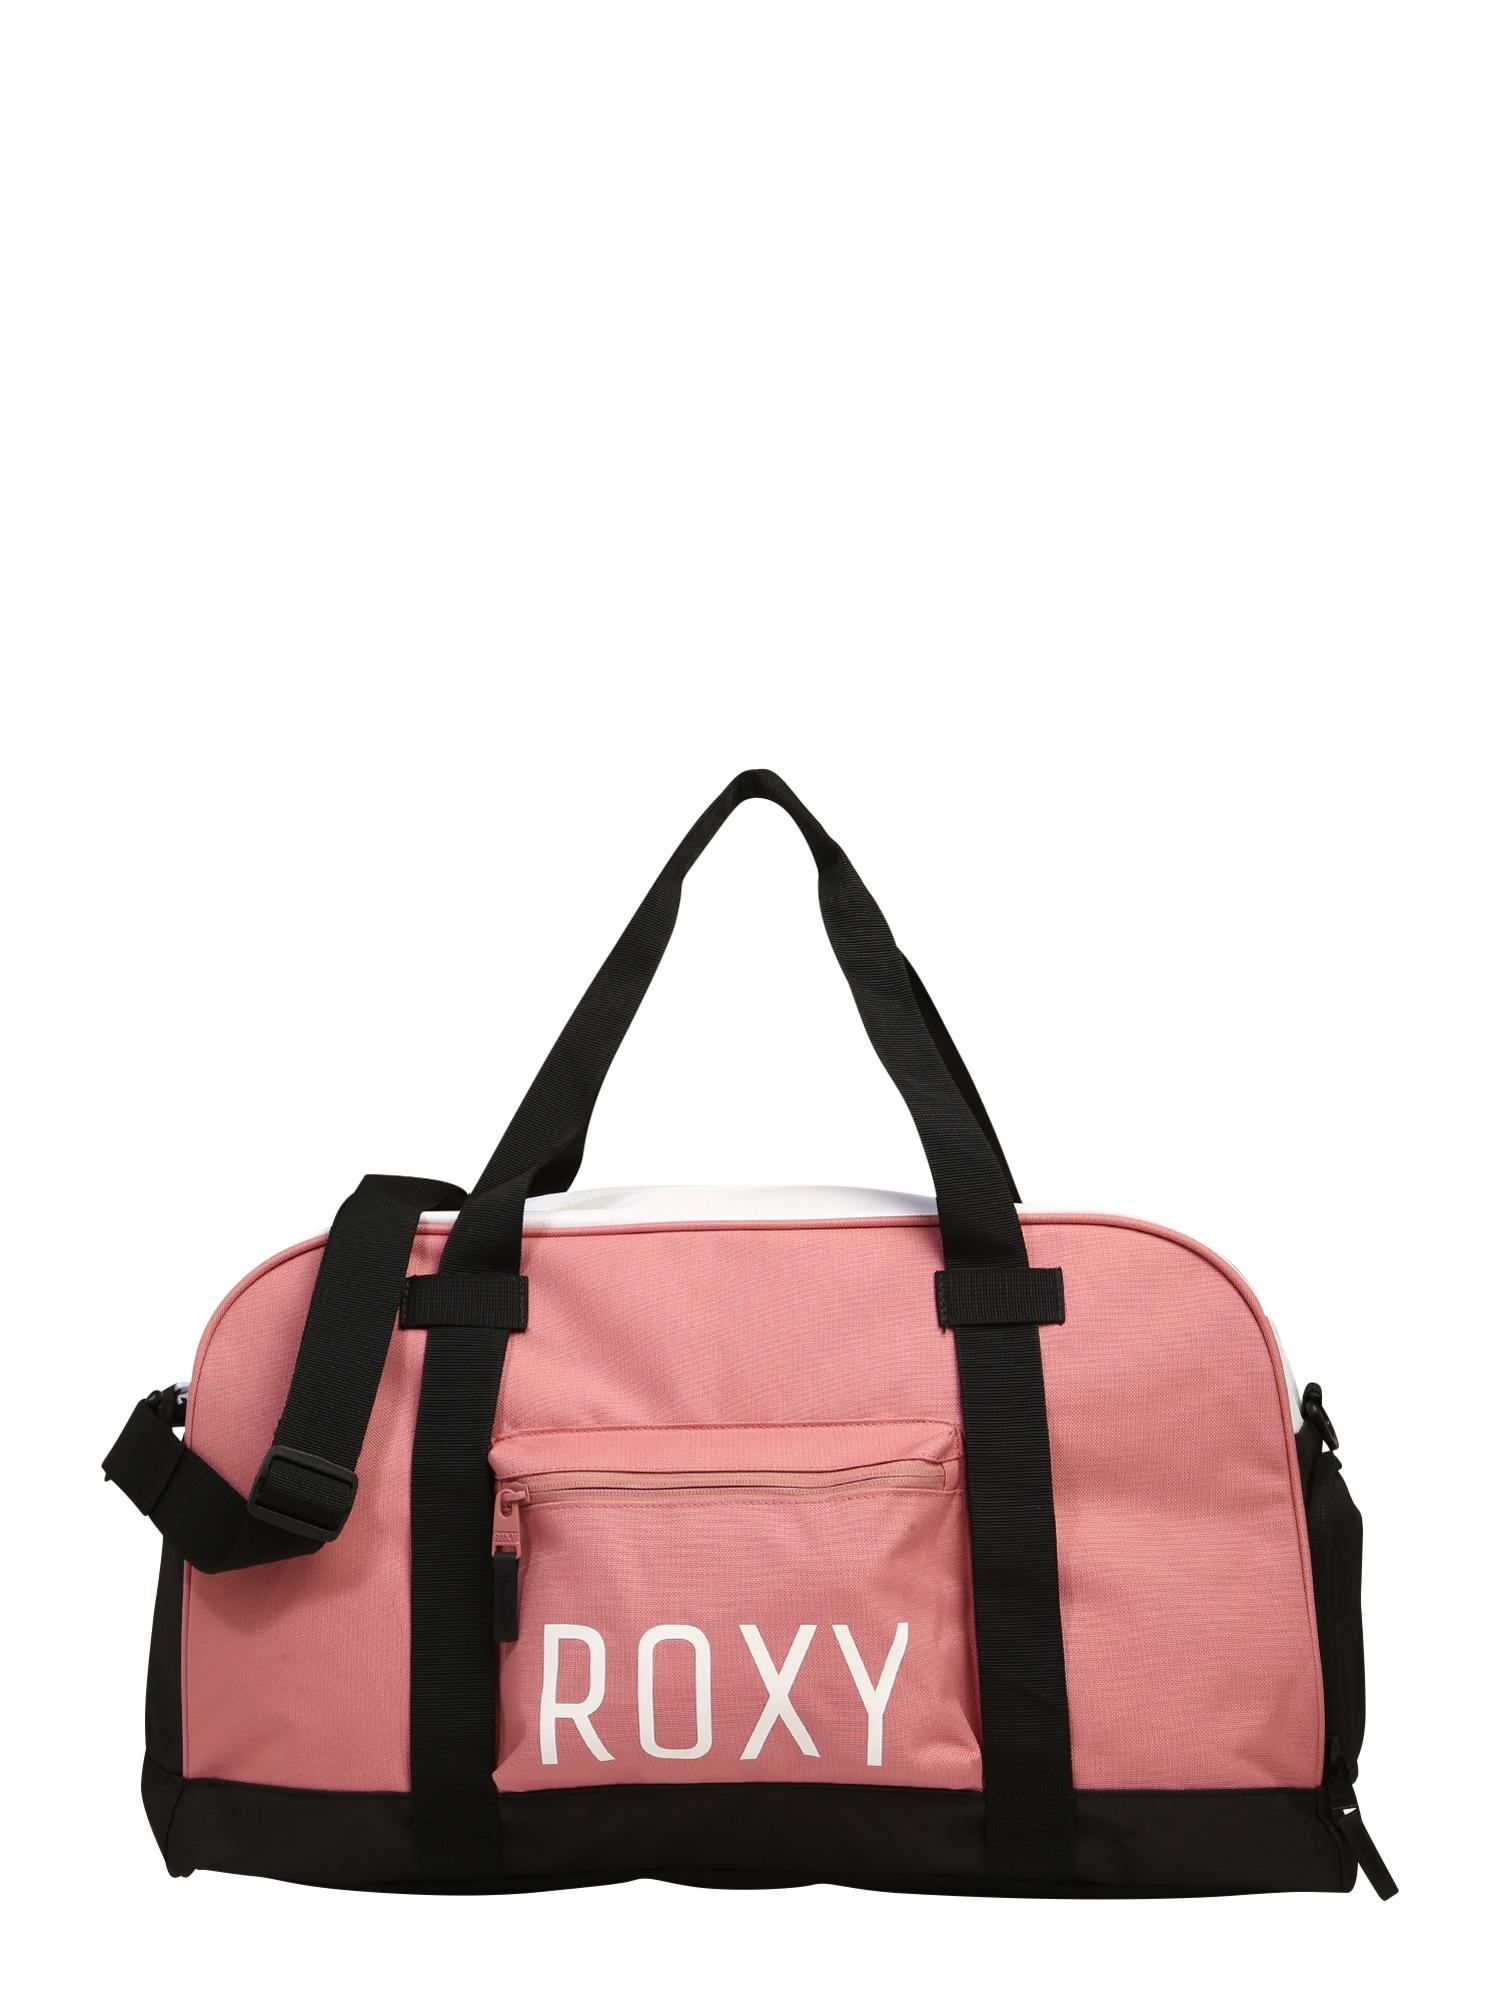 ROXY Sportovní taška  růže / černá / bílá